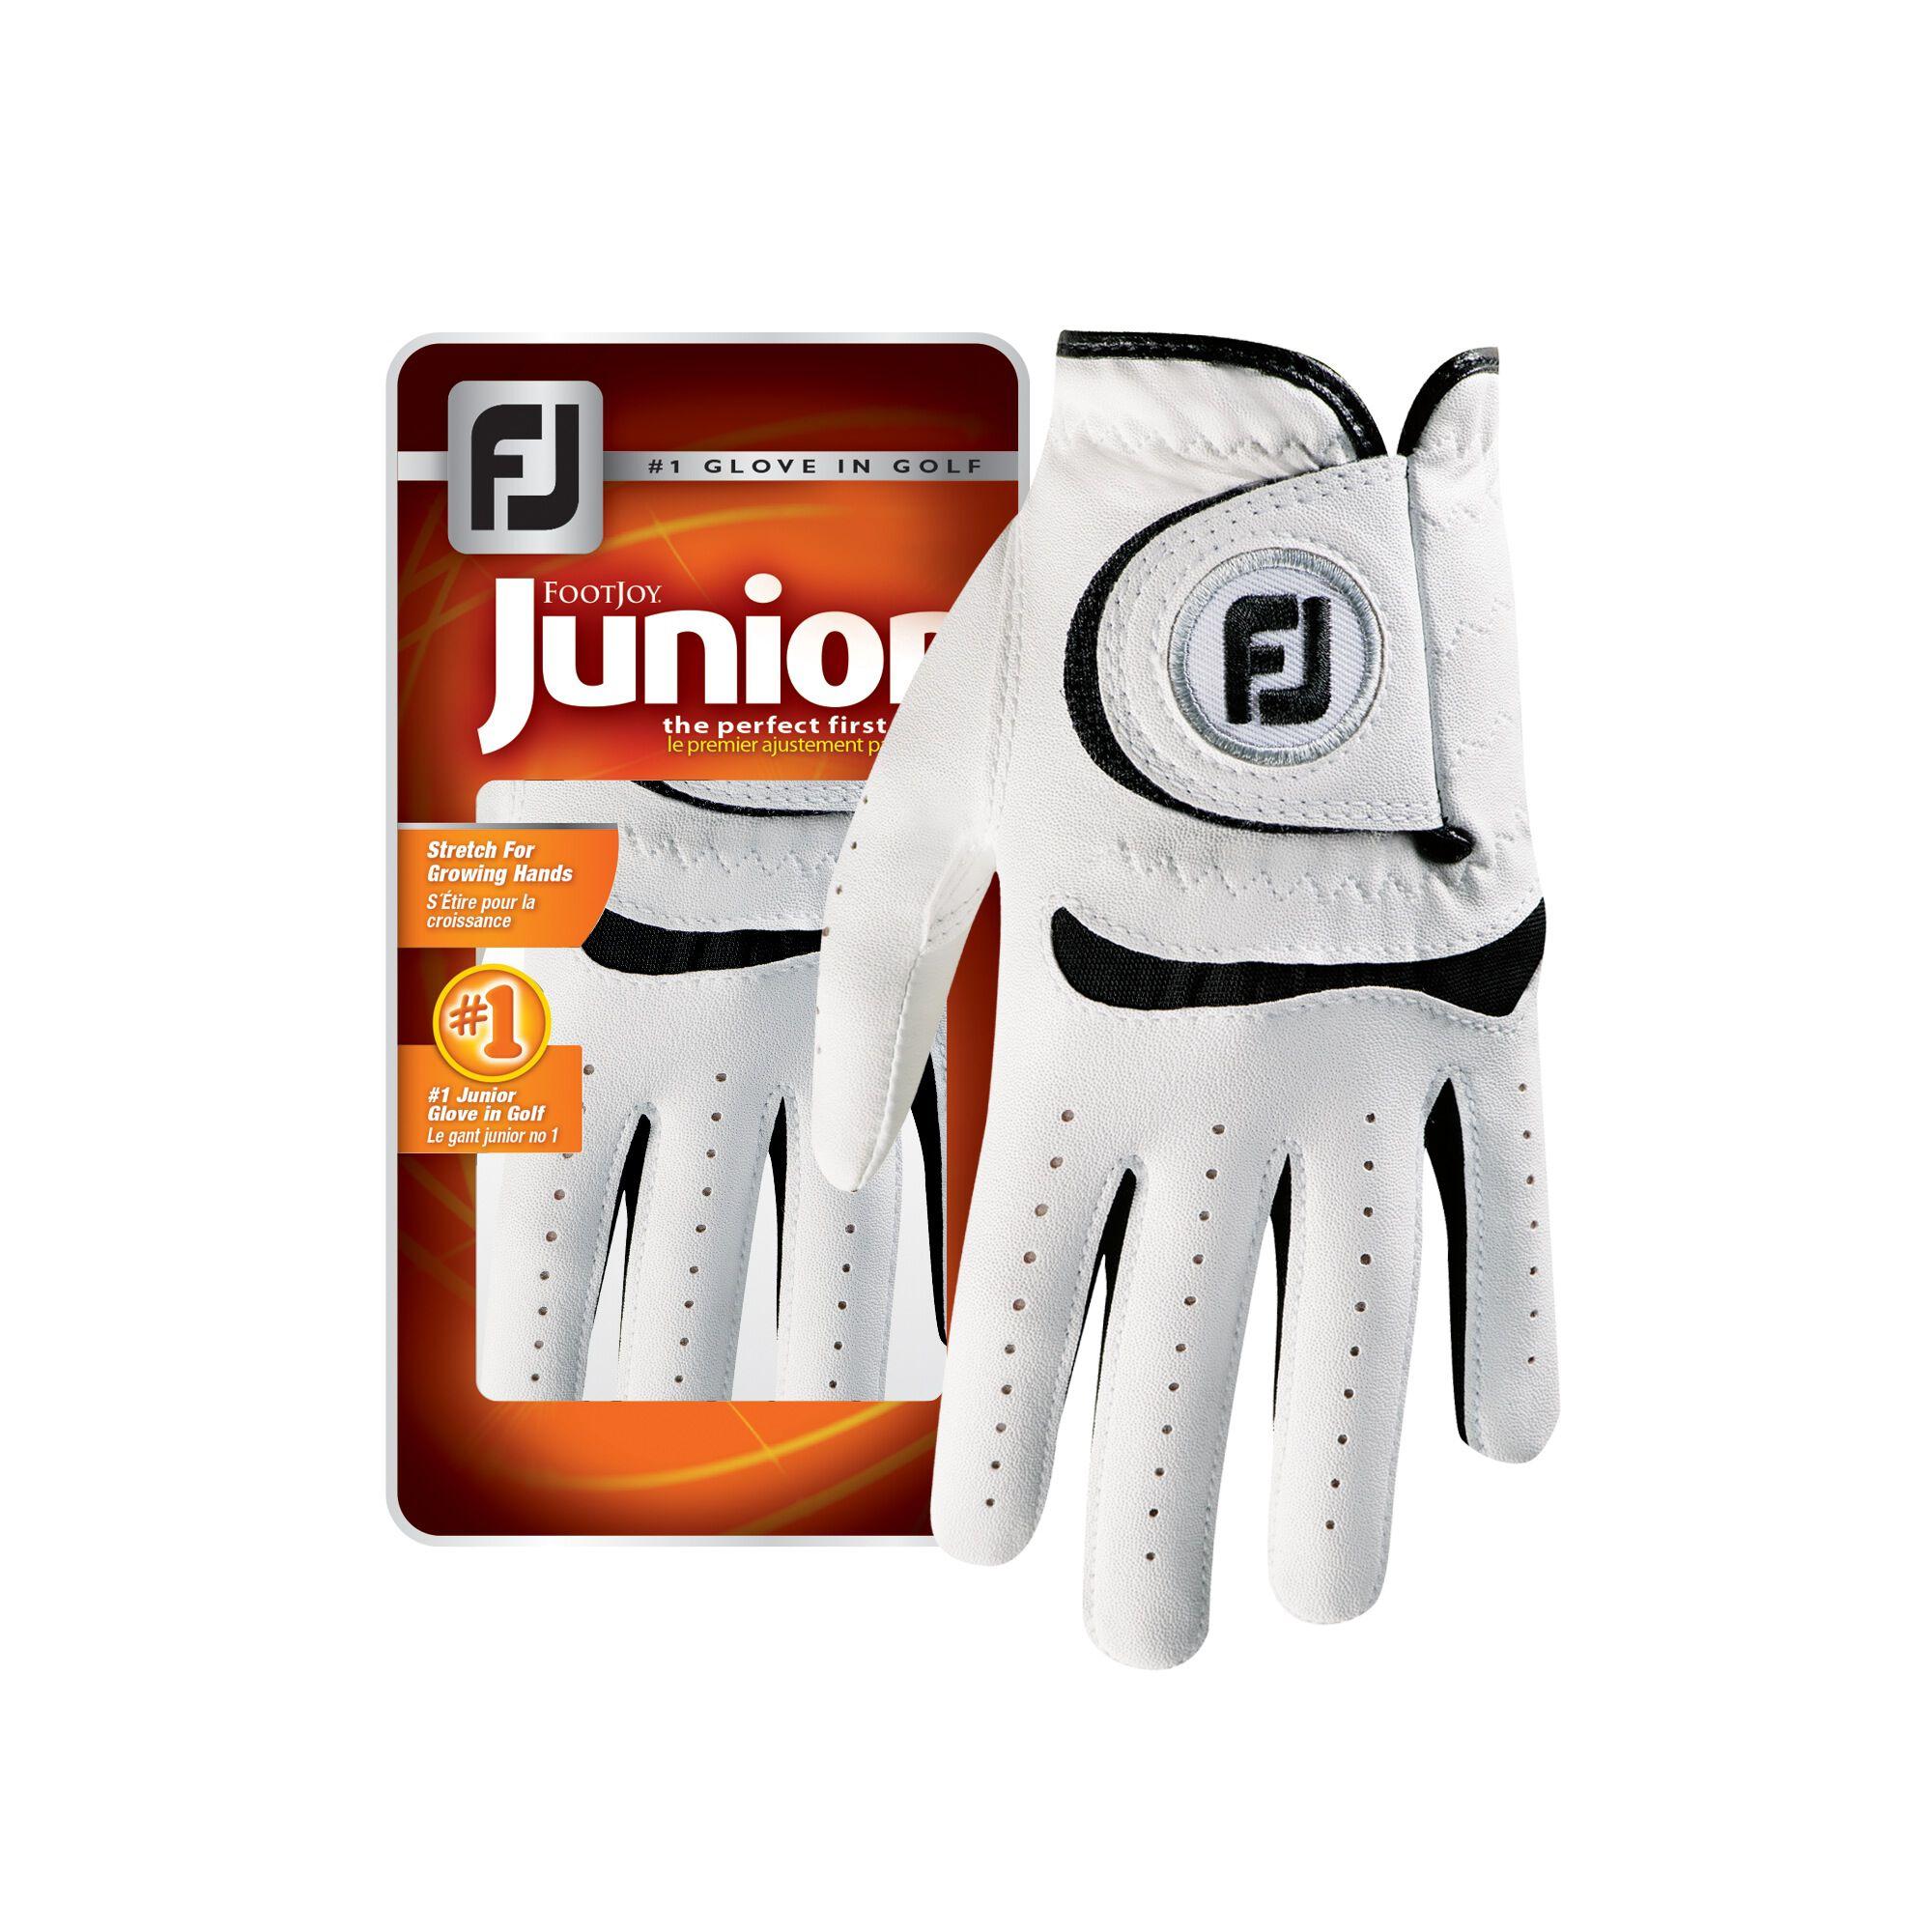 Fj junior also golf gloves at footjoy rh